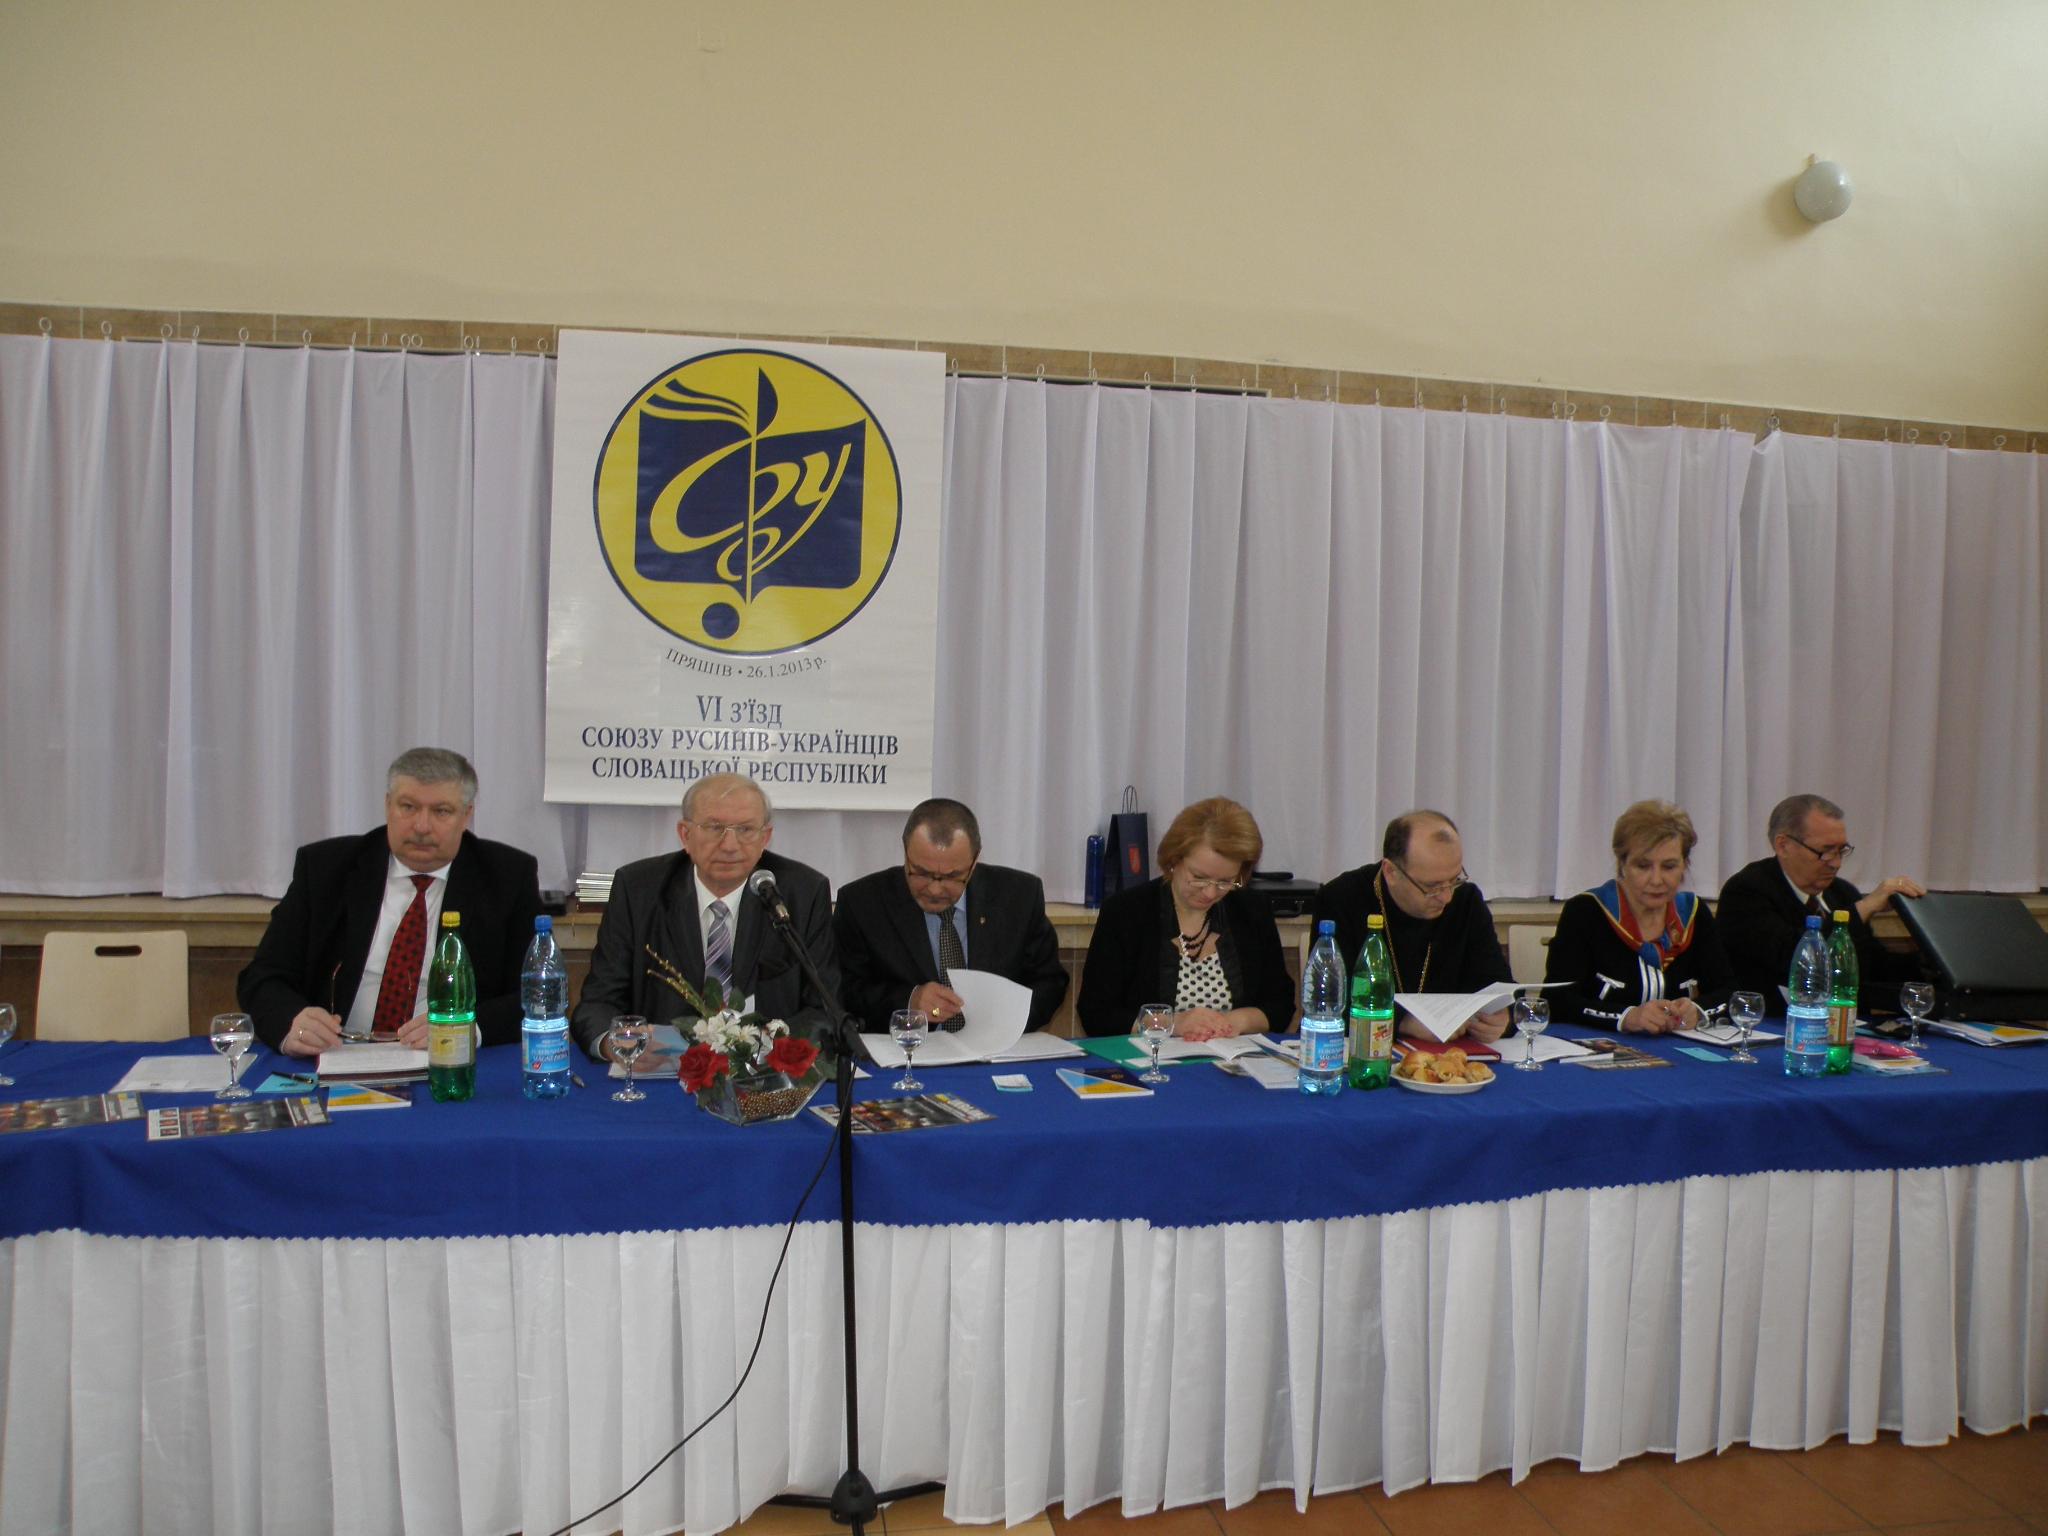 В Пряшеві відбувся VІ з'їзд Союзу русинів-українців Словацької Республіки